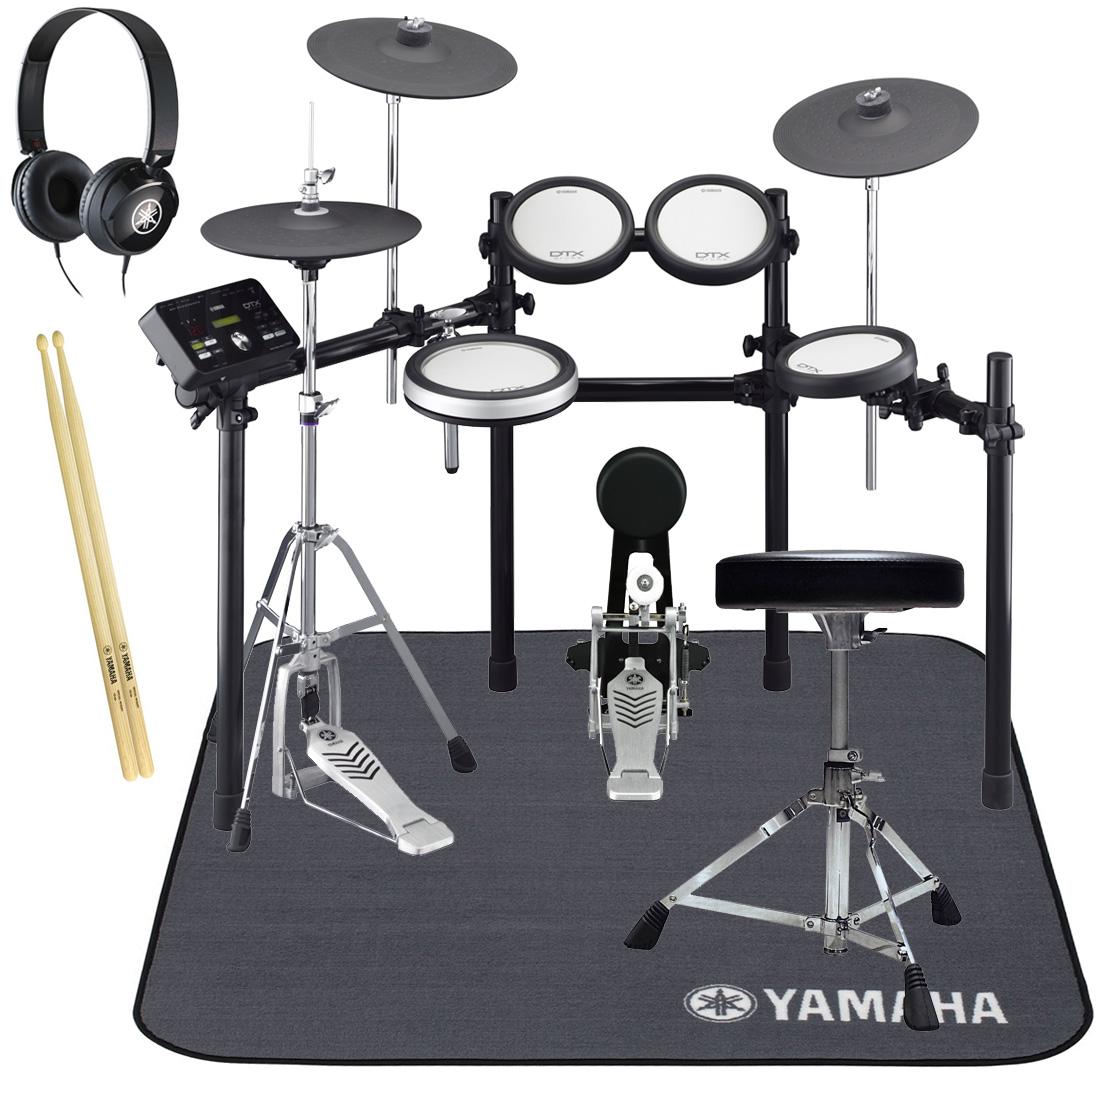 YAMAHA 電子ドラム DTX562KFS オールヤマハ 純正スターターパック/ドラムマットセット【YRK】